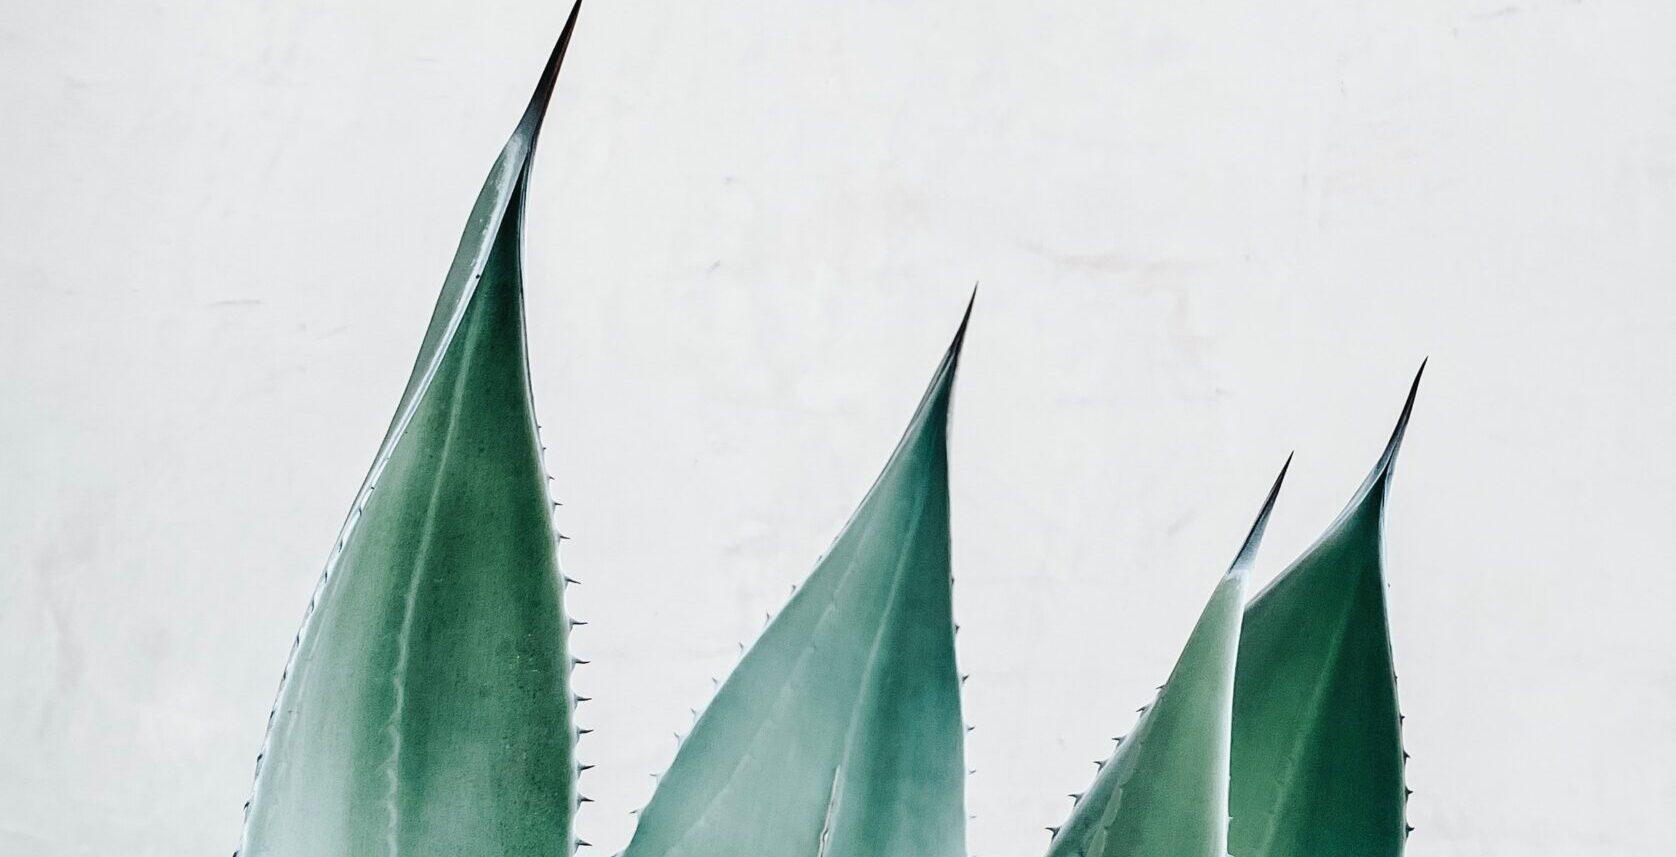 Aloe vera y la depilación láser. Puntas de la planta de aloe.